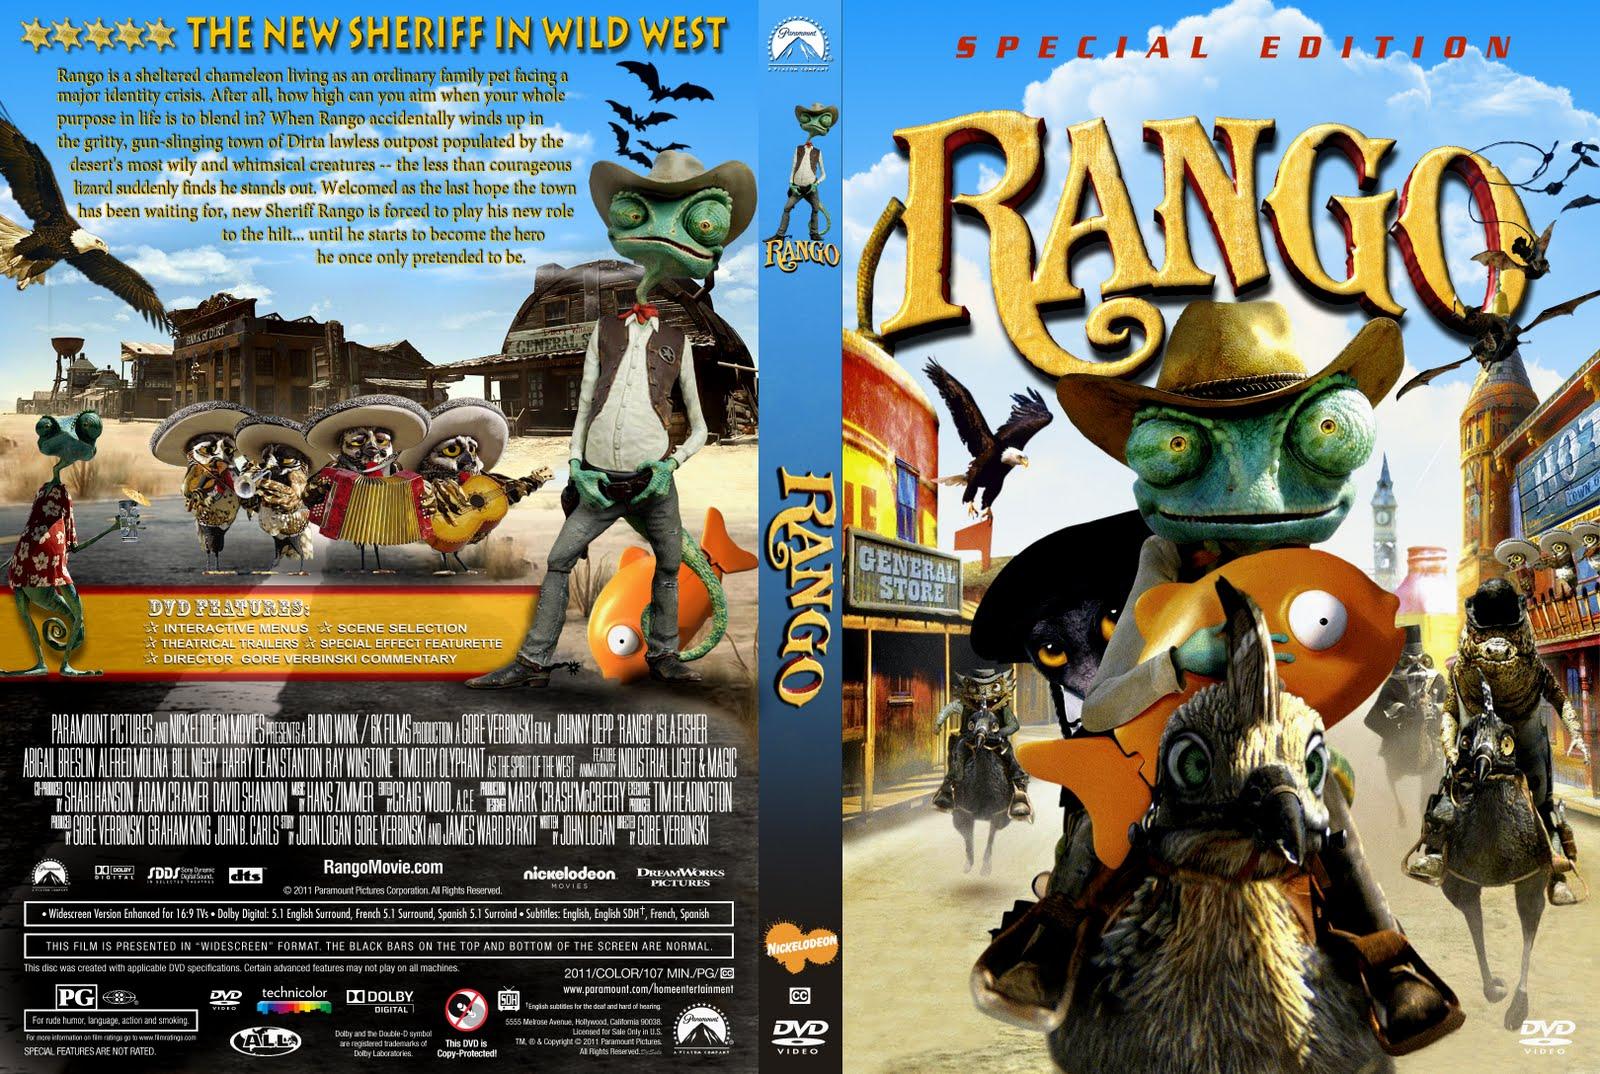 Download Rango BDRip 720p X264 Dublado Rango dvd cover